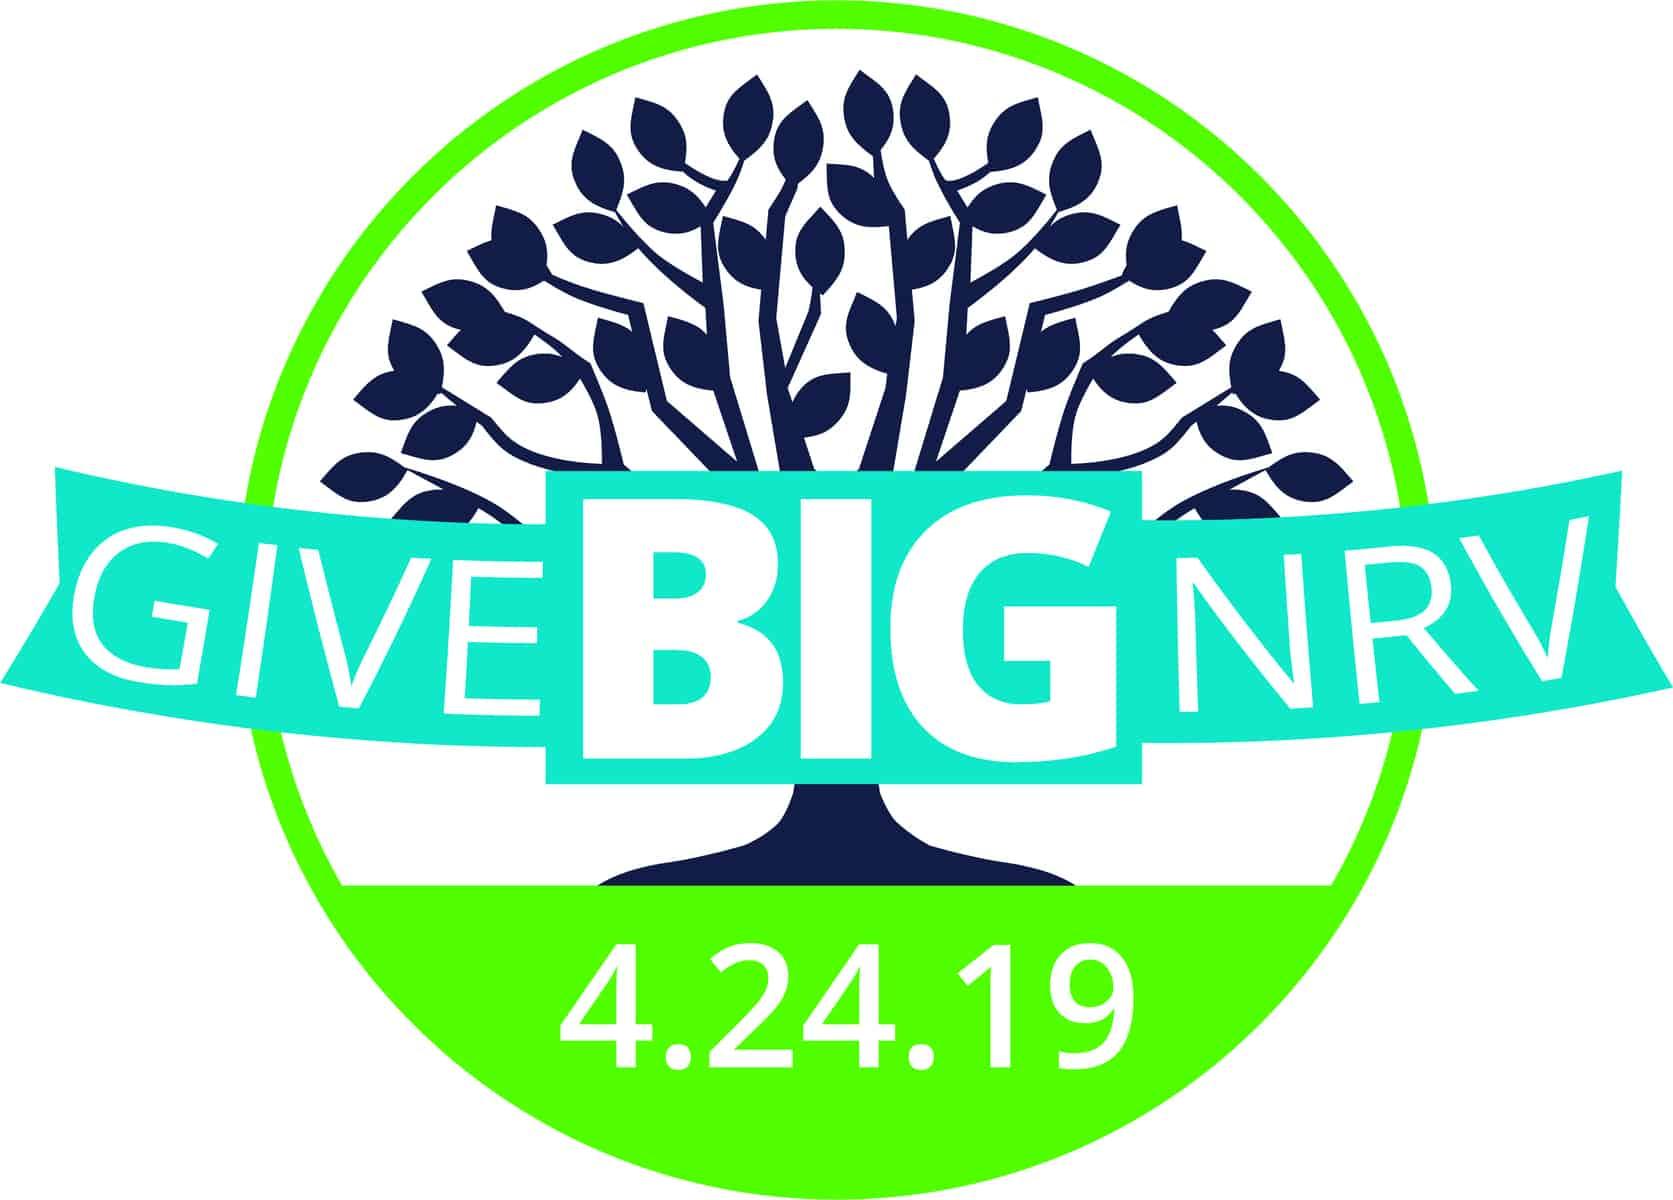 GiveBigNRV logo for April 24, 2019